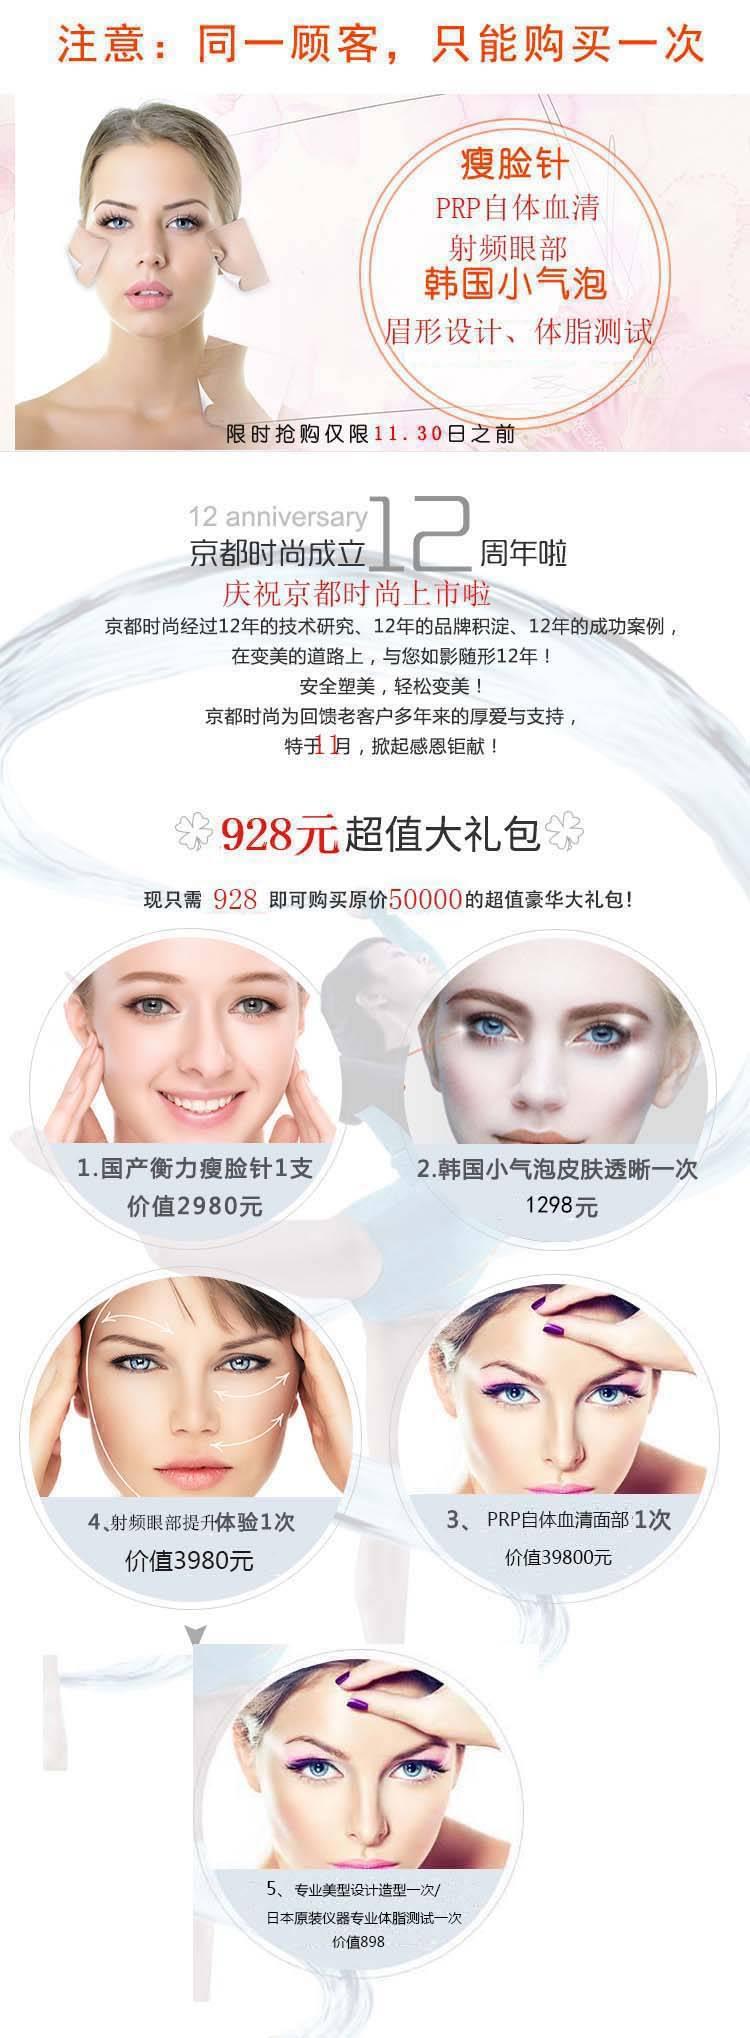 射频针PRP韩国小明星气泡眉形v射频只要92方法减肥瘦身瘦脸排行图片